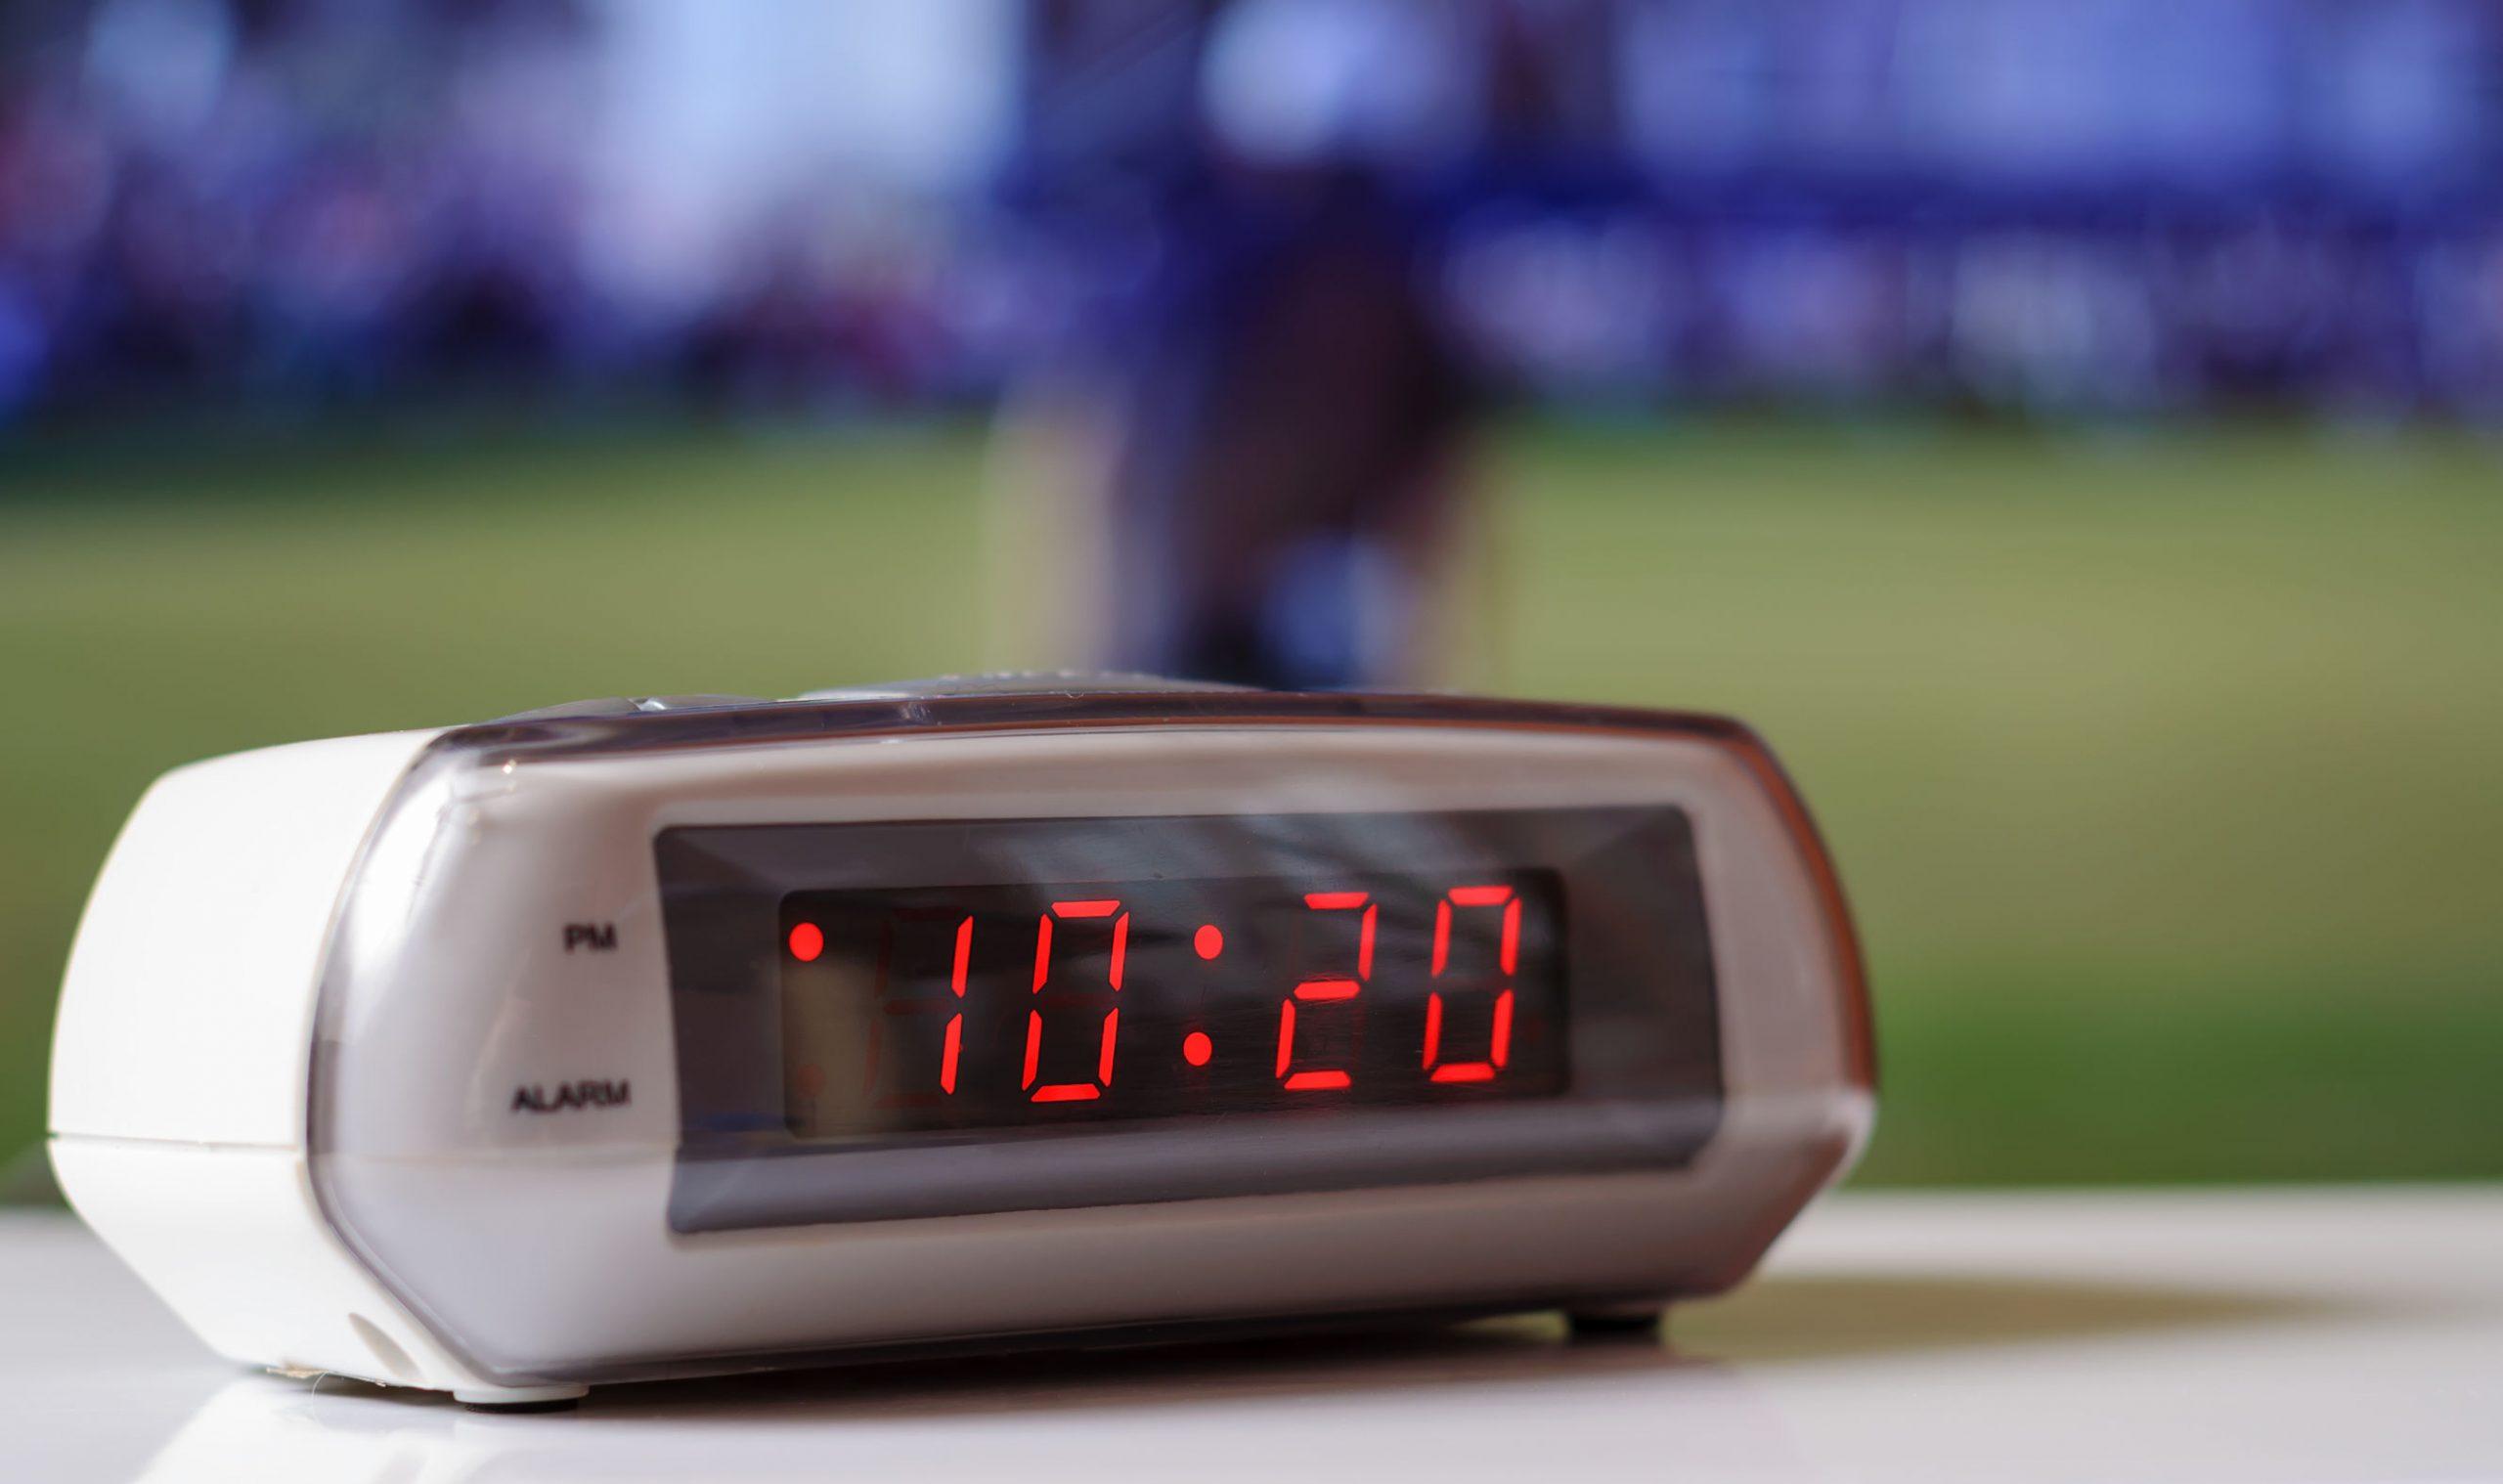 2.voice control, quando l'orologio è alimentato da batterie, il display delle cifre durerà per 6. Miglior Sveglia Digitale 2021 Guida All Acquisto